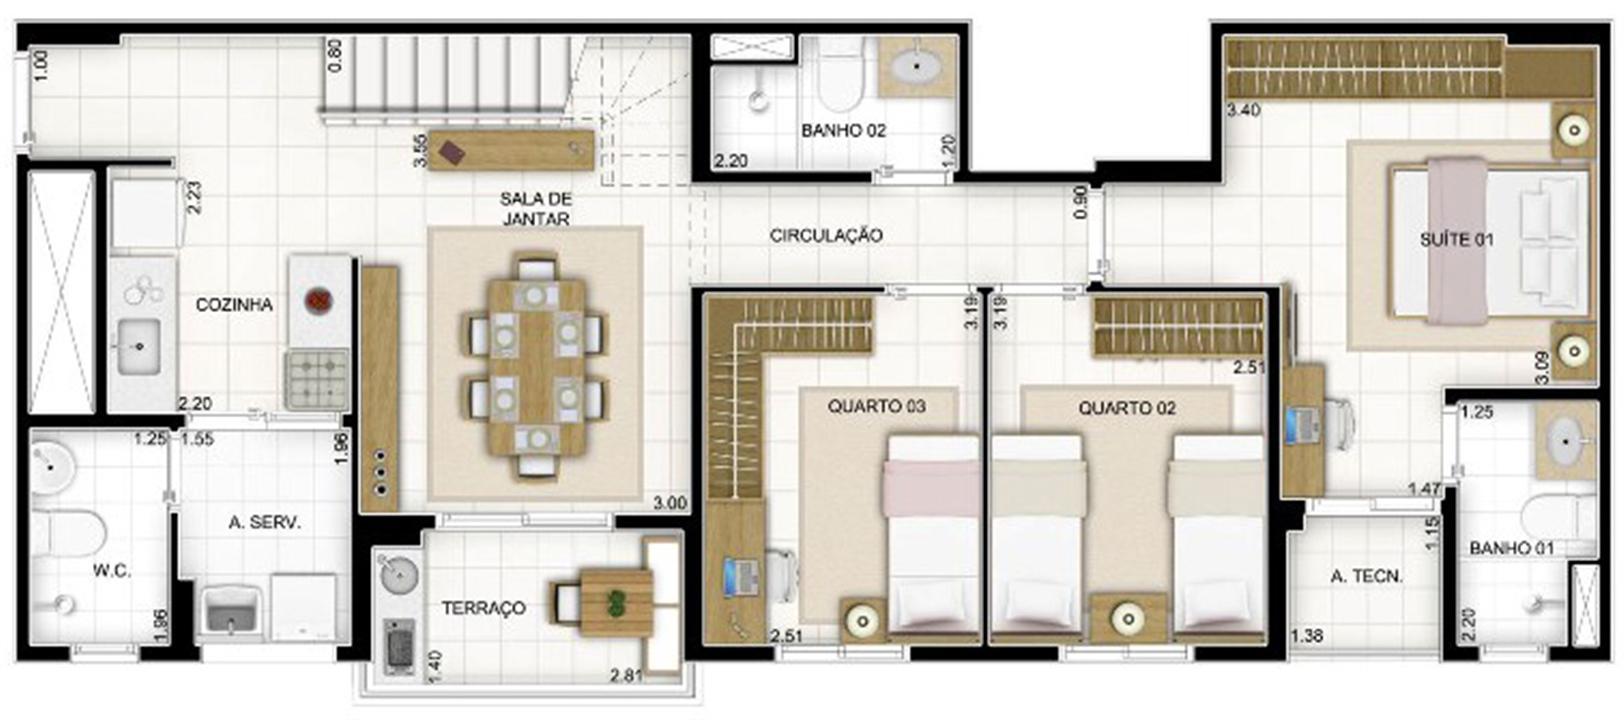 Duplex Andar Inferior 3 quartos 159 m² | Quartier Lagoa Nova – Apartamentona  Lagoa Nova - Natal - Rio Grande do Norte